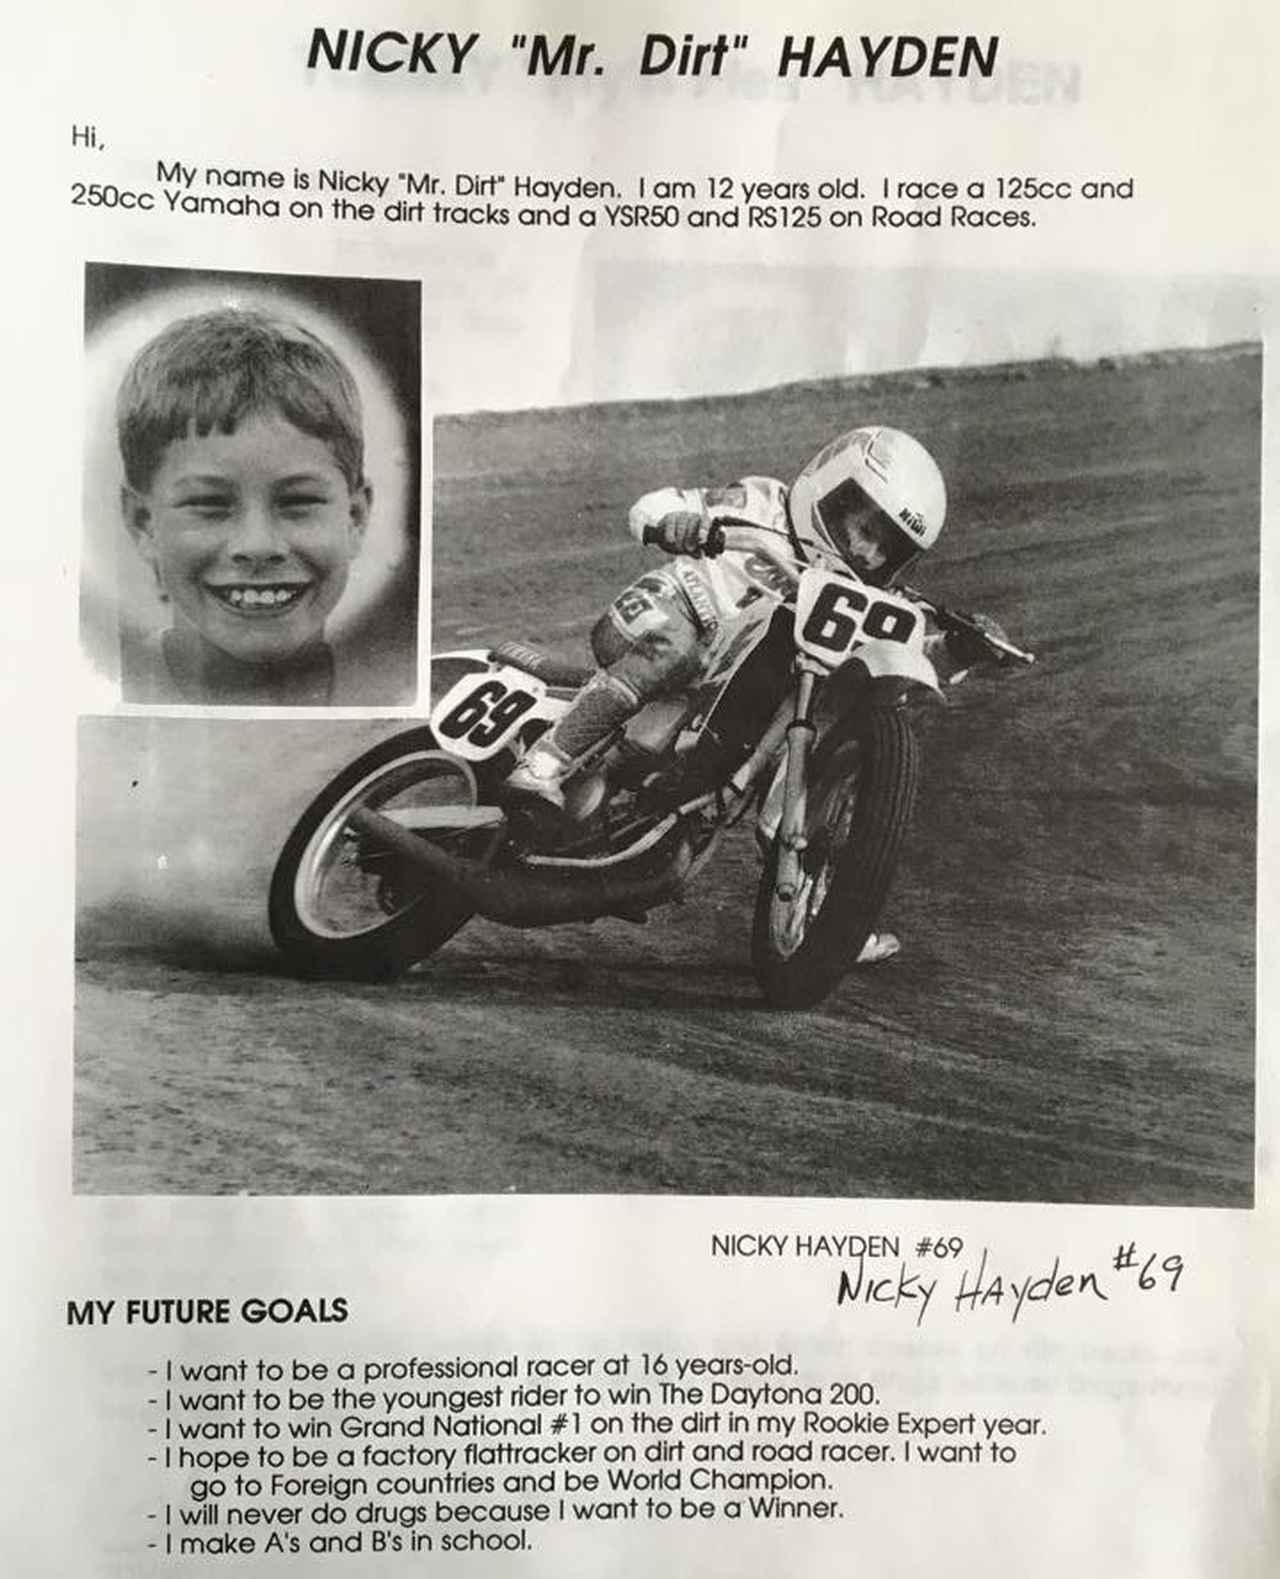 """画像: ニコラス12歳の覚え書き。彼の """"未来の目標"""" の多くは有言実行で現実のものとなった。"""